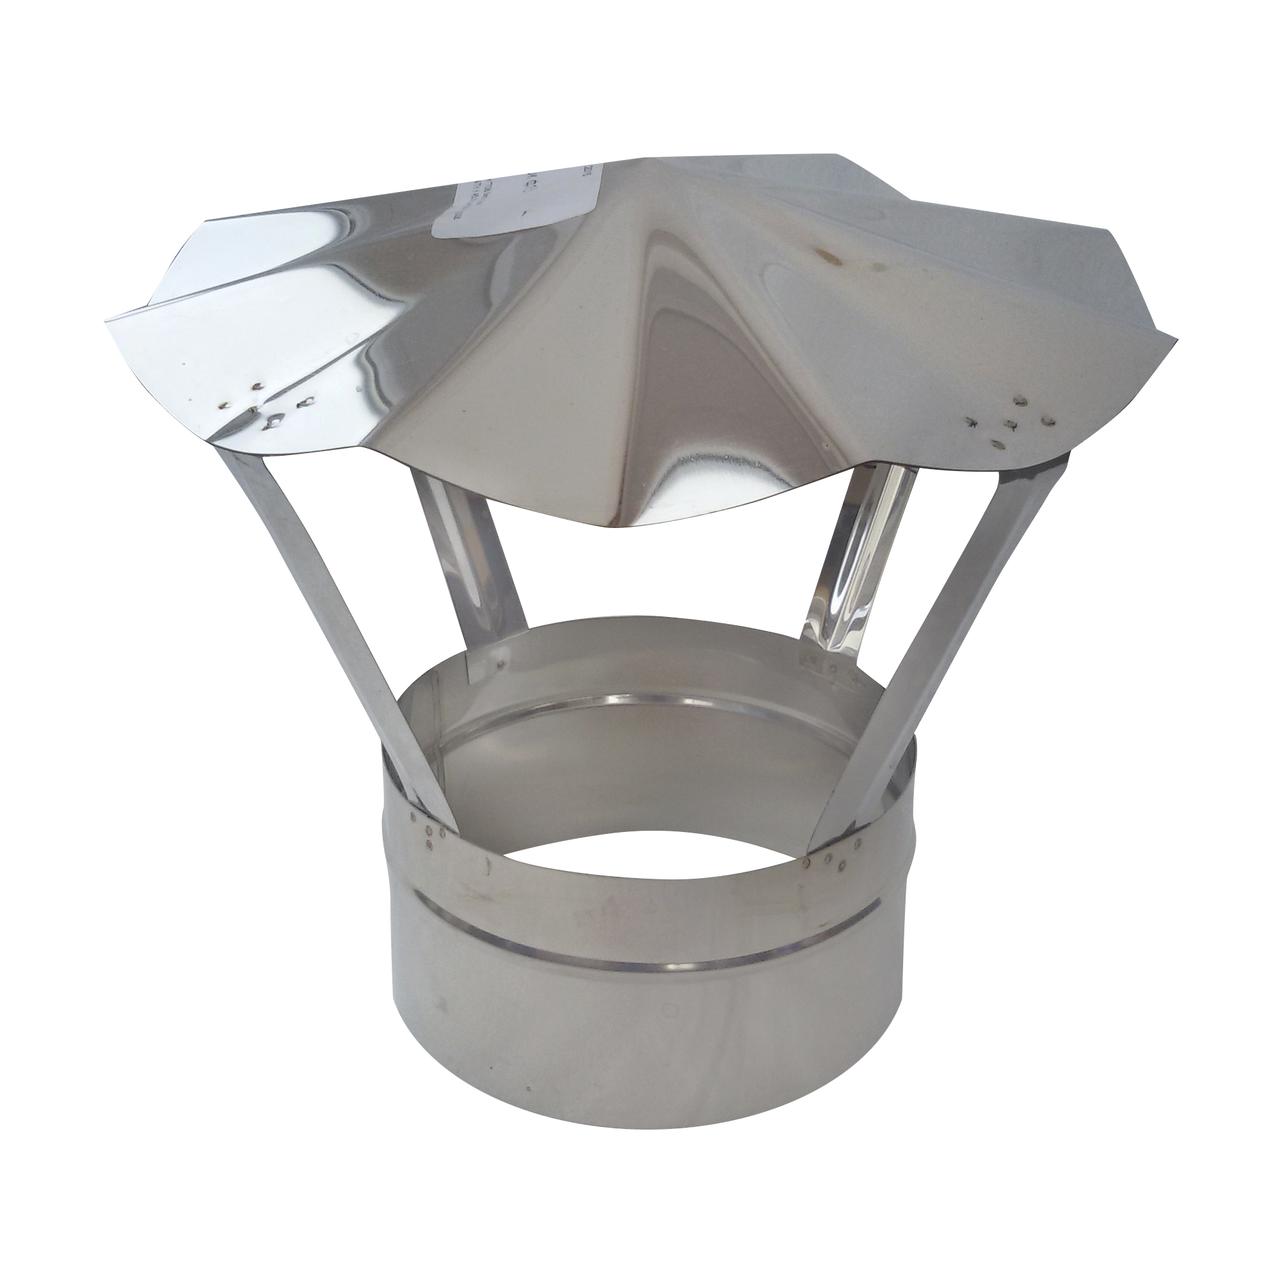 Грибок ø200 мм из нержавеющей стали AISI 304 для дымохода вентиляции дымоходный Версия-Люкс